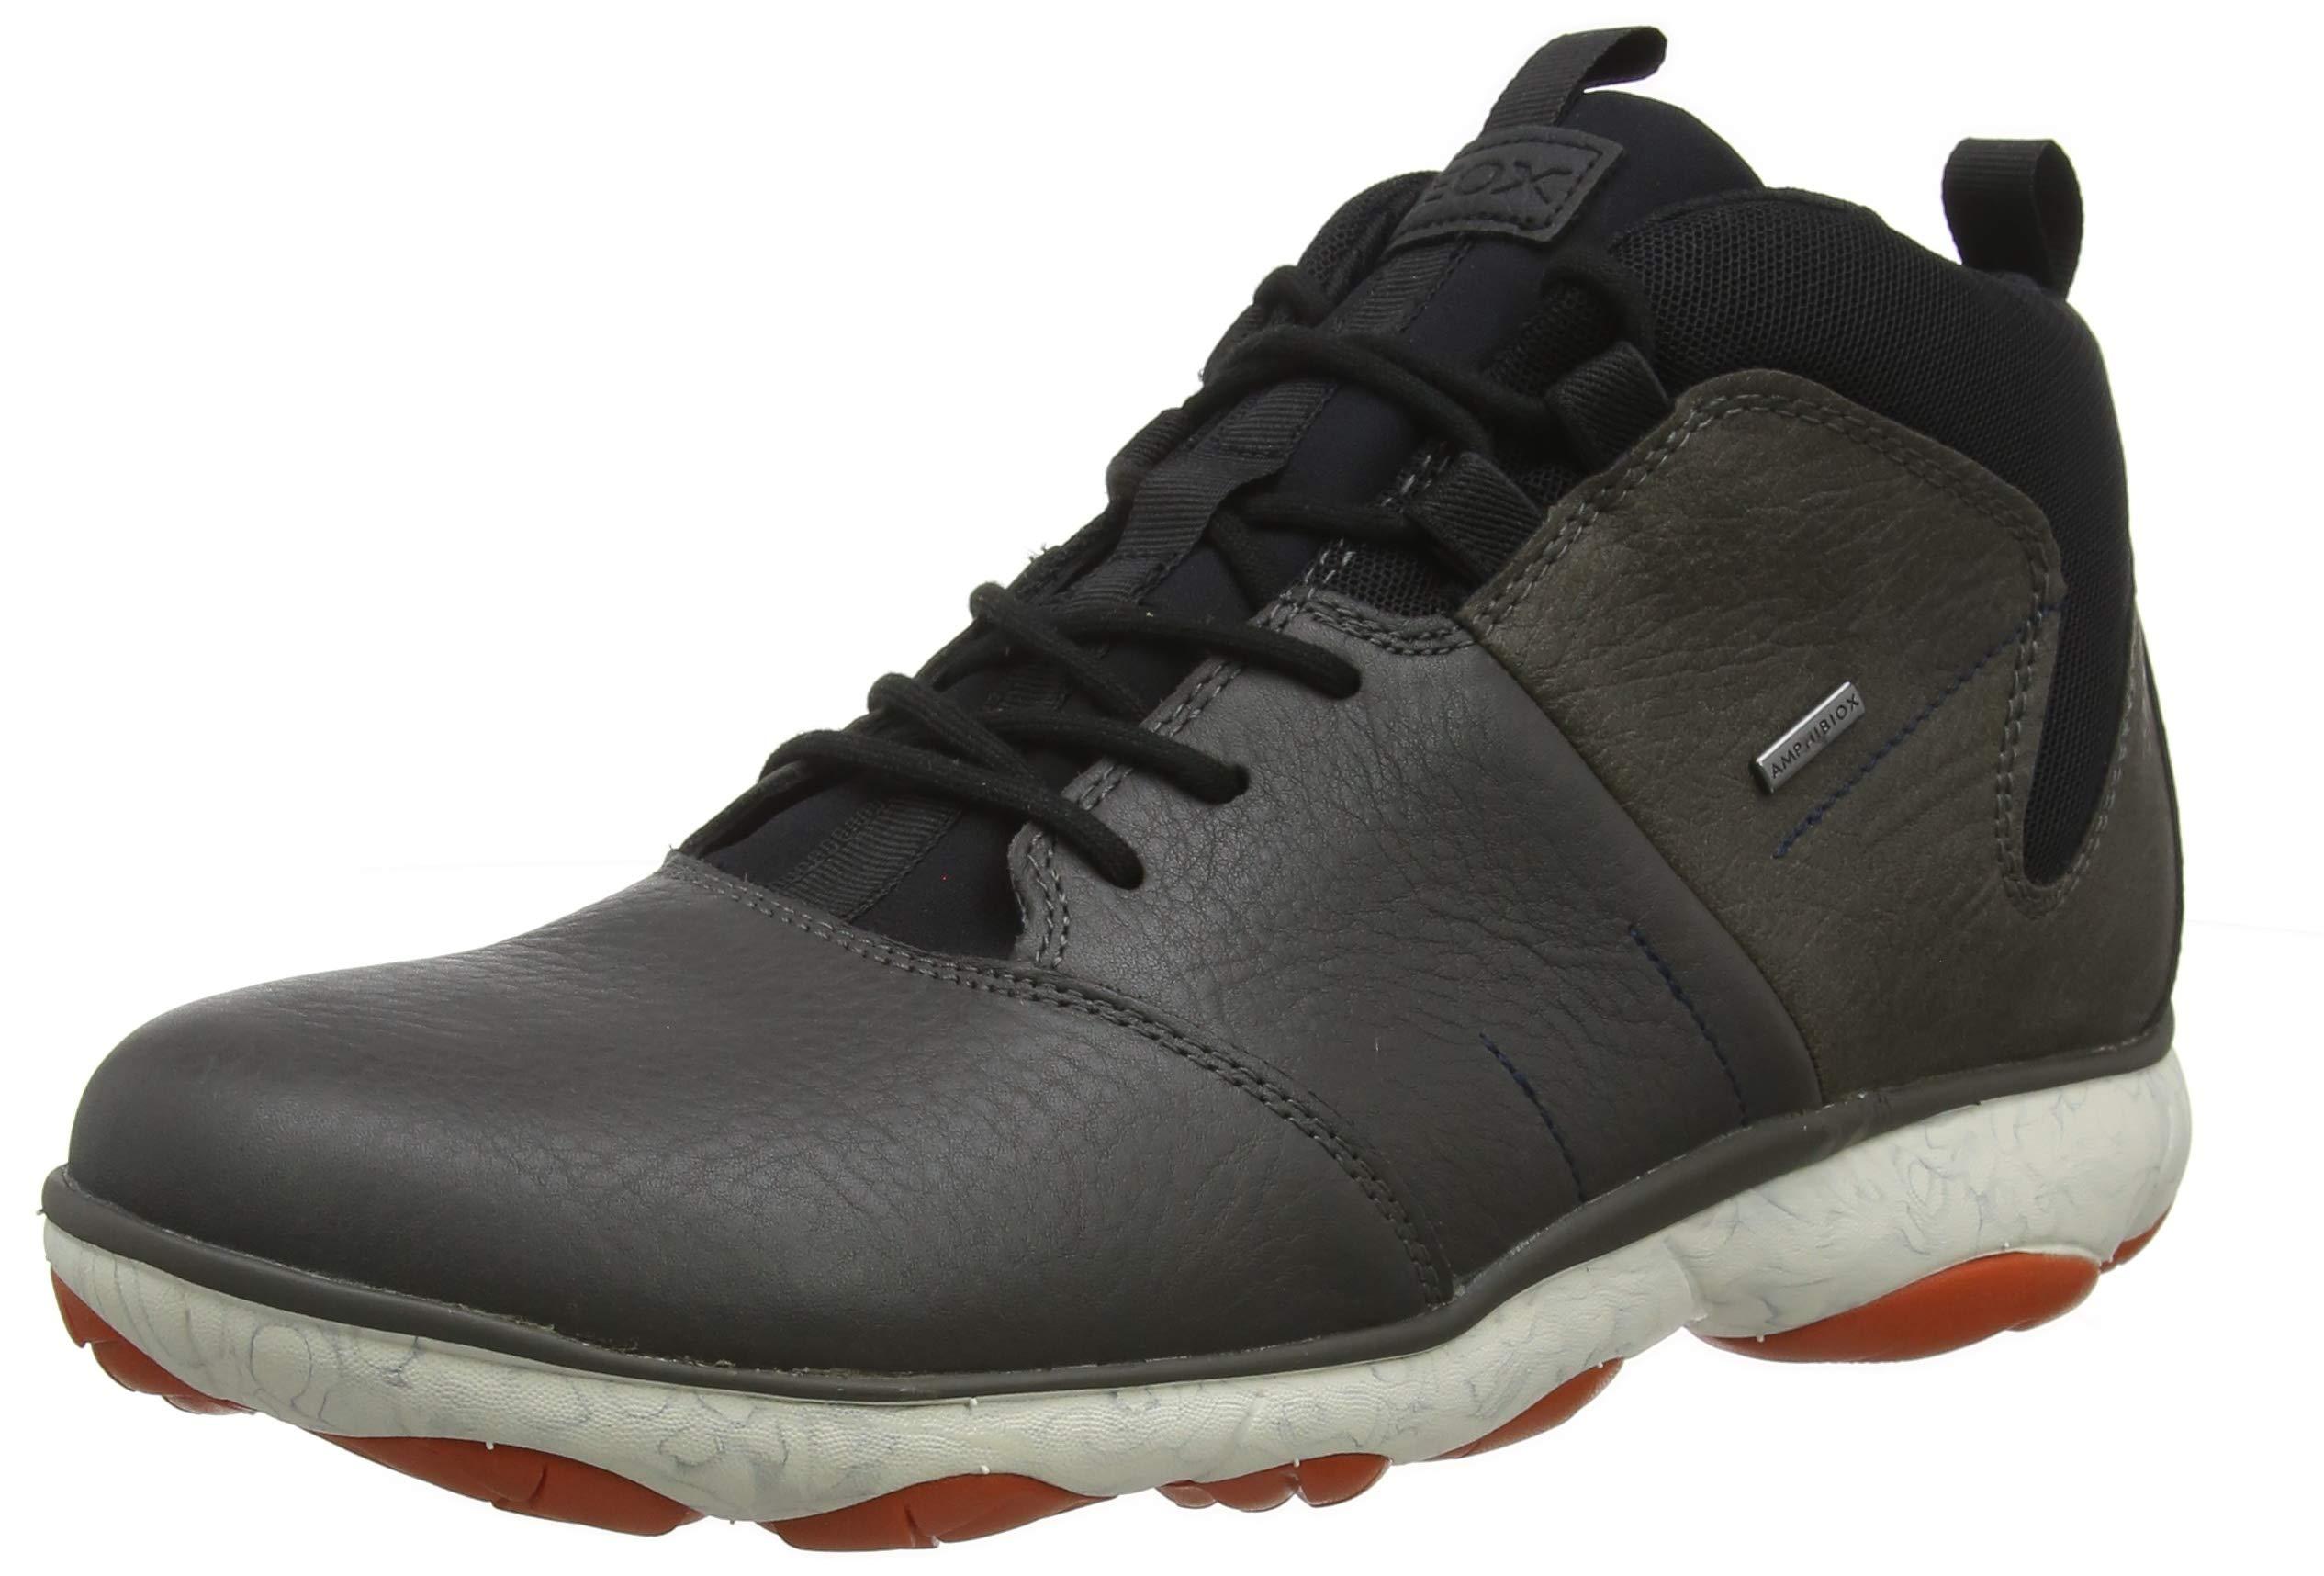 geox sandalen 37, Geox Herren Schuhe Desert Boots